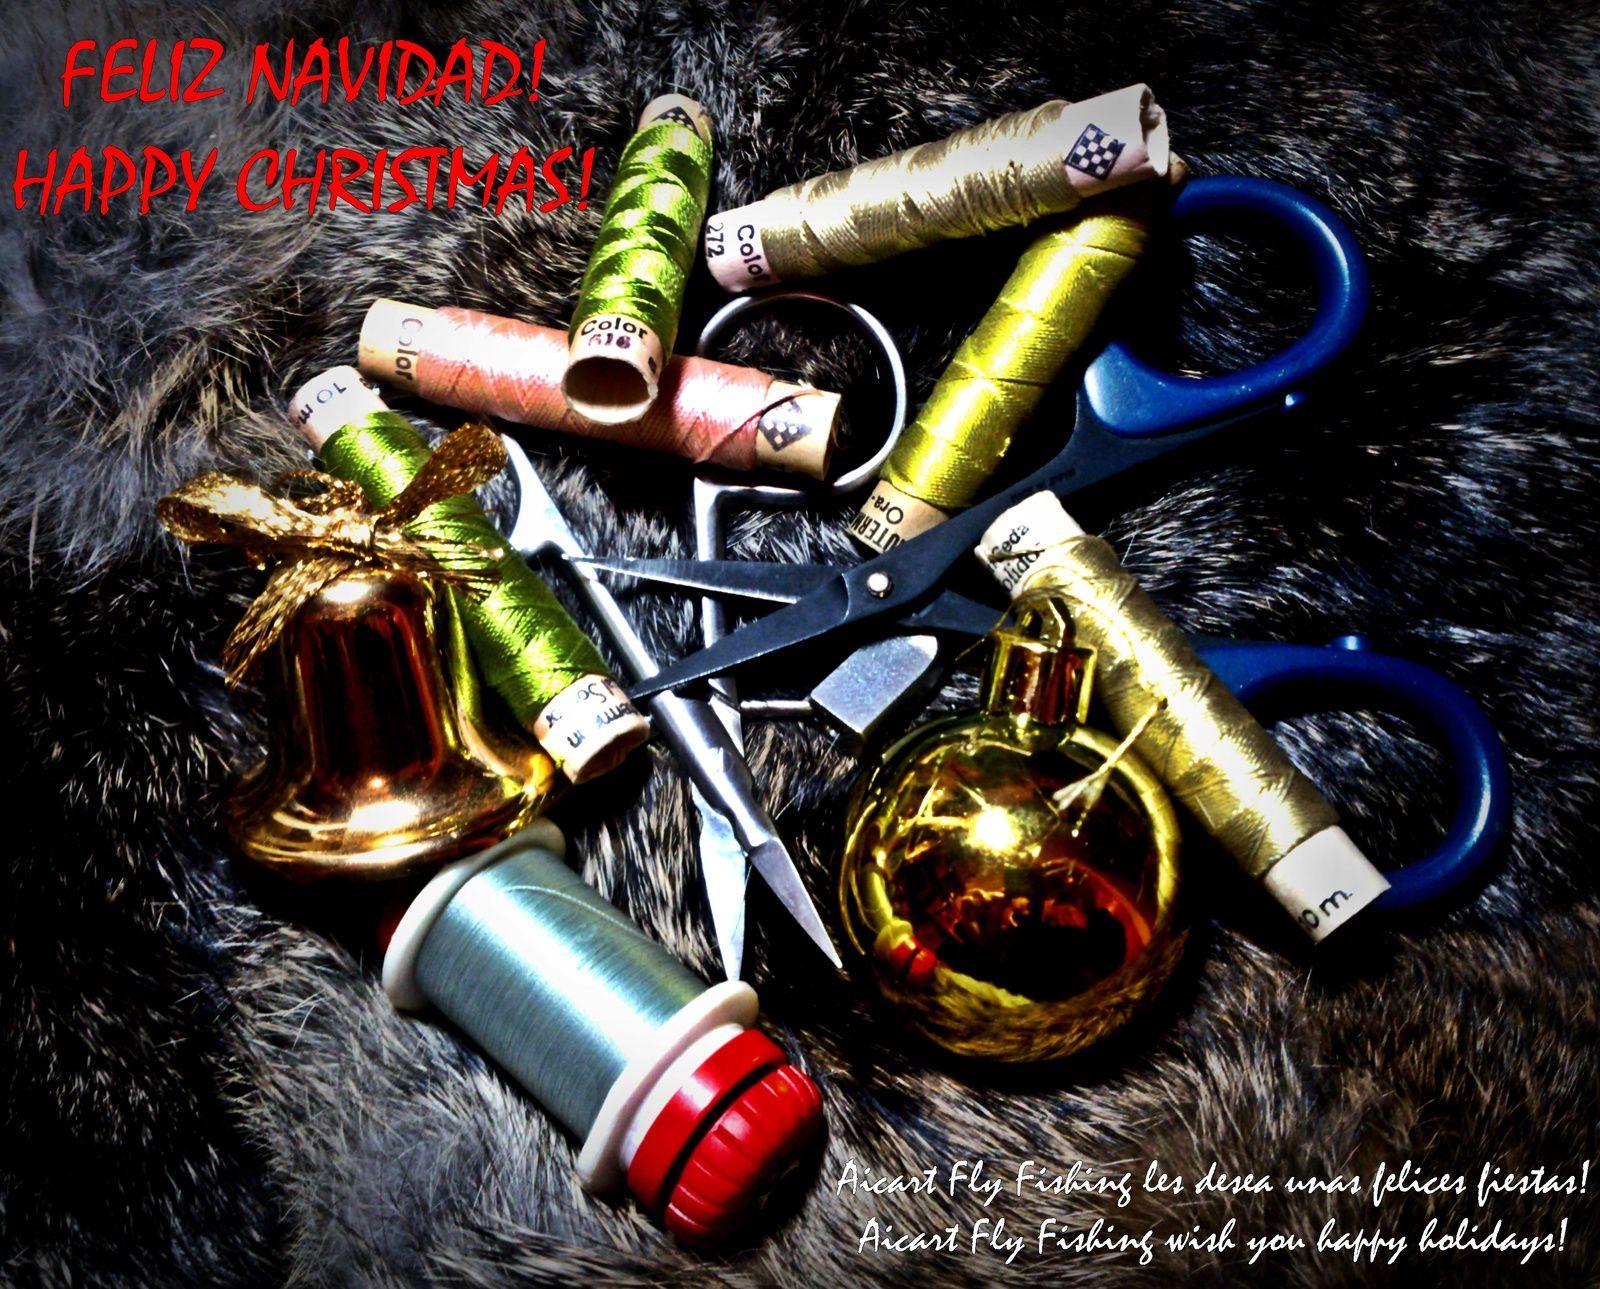 FELIZ NAVIDAD! - HAPPY CHRISTMAS!